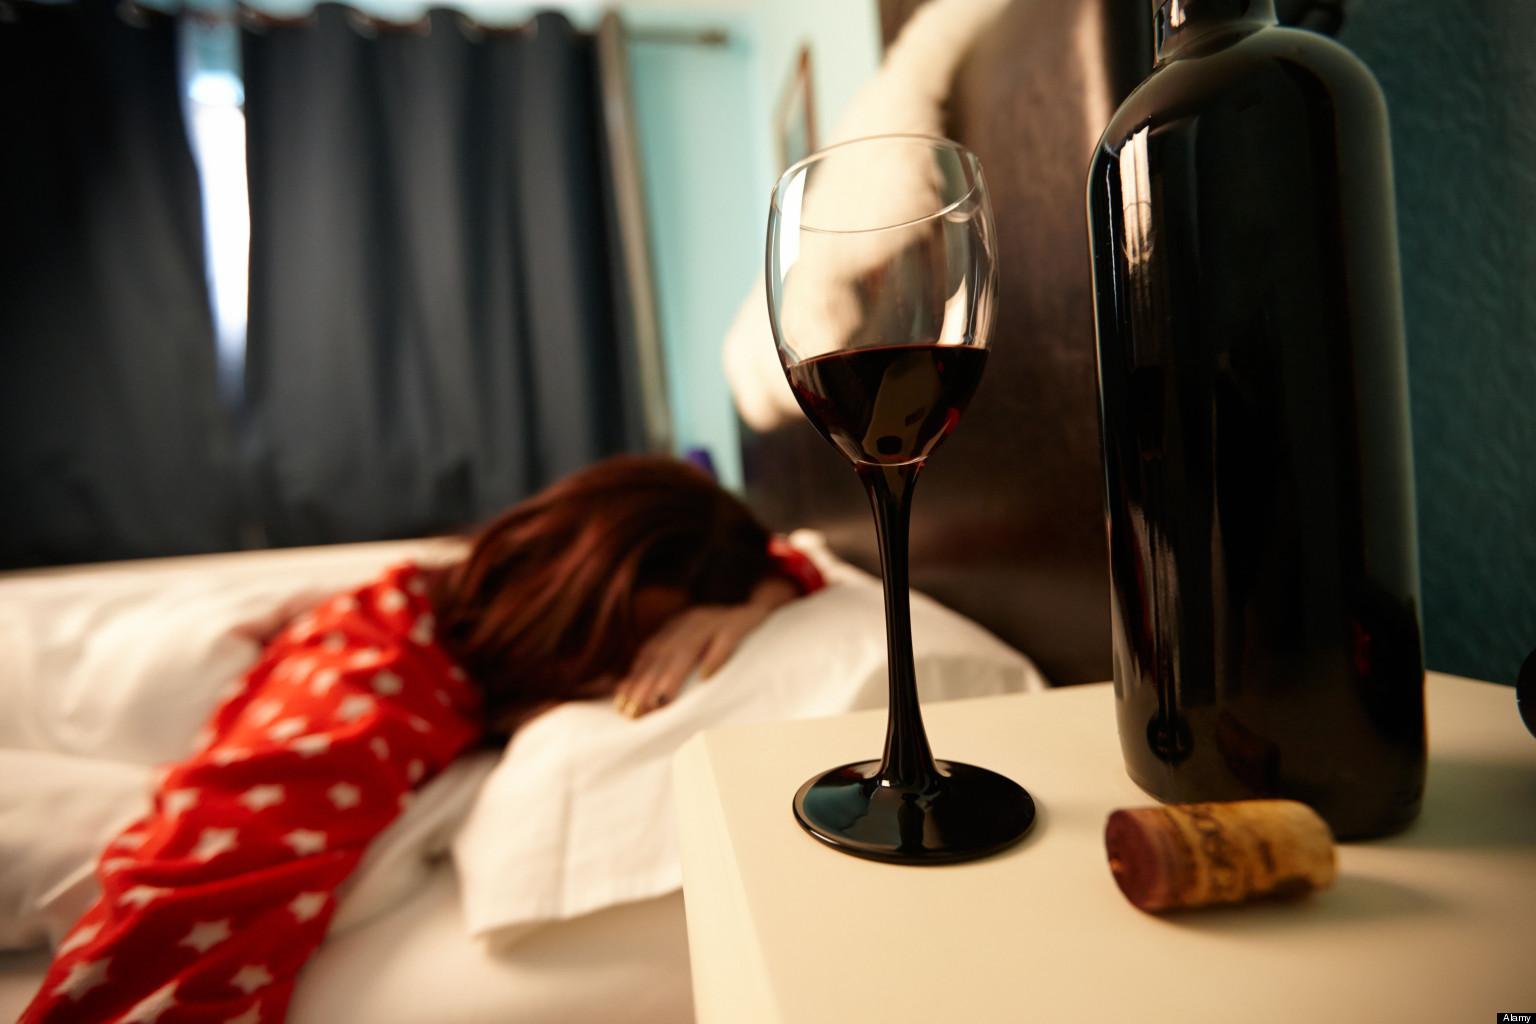 o-ALCOHOL-SIDE-EFFECTS-DRINKING-SLEEP-SLEEPING-facebook